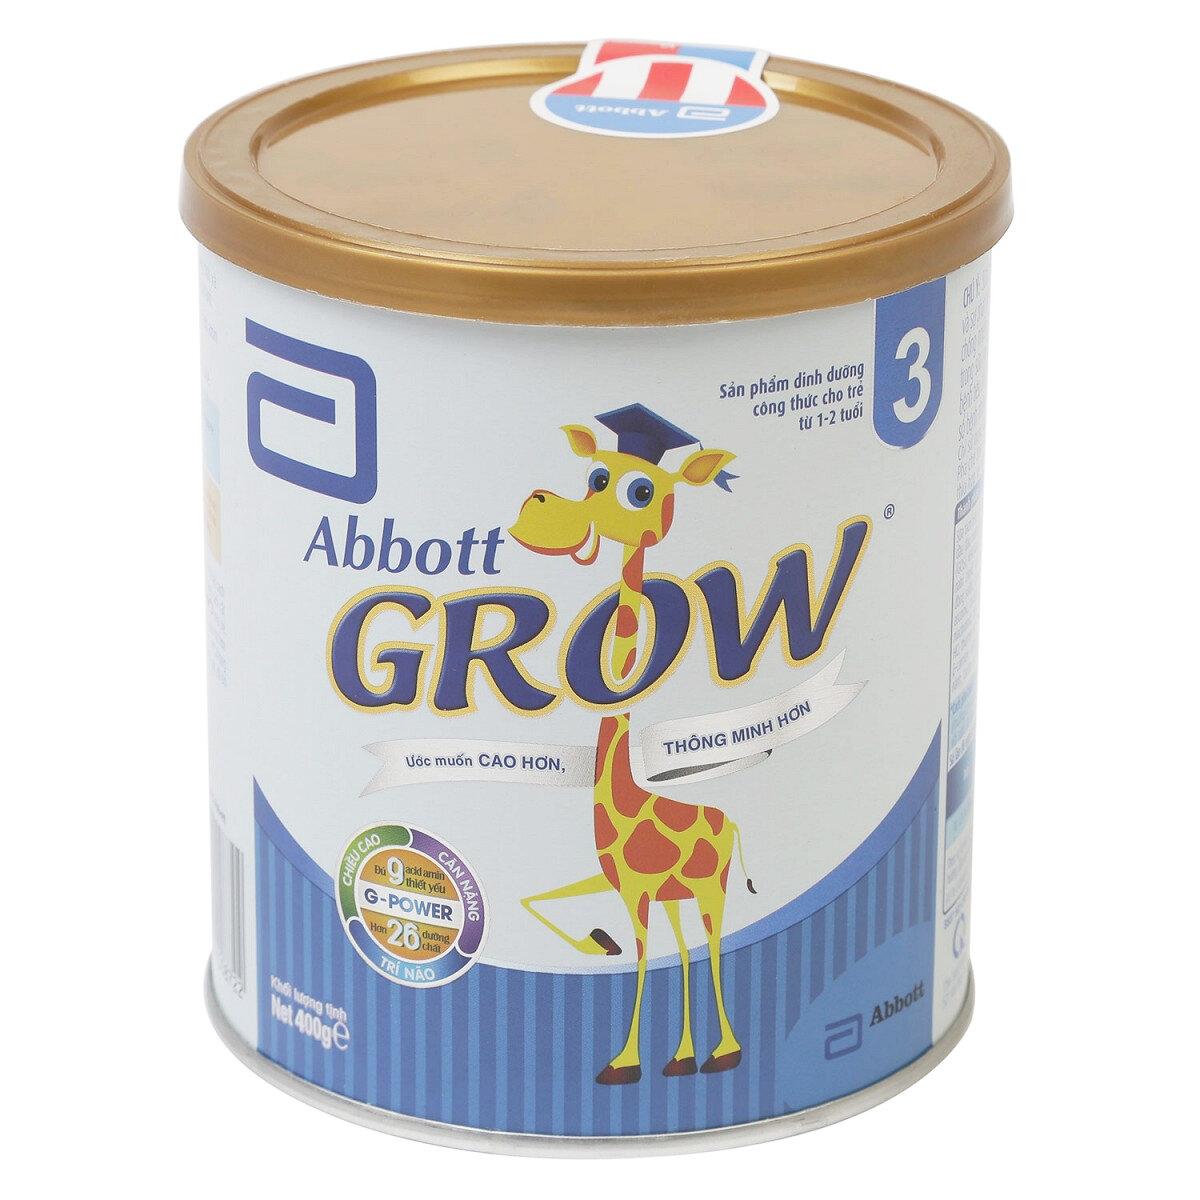 Sữa bột Abbott Grow 3 – hộp 400g (dành cho trẻ từ 1 – 3 tuổi)